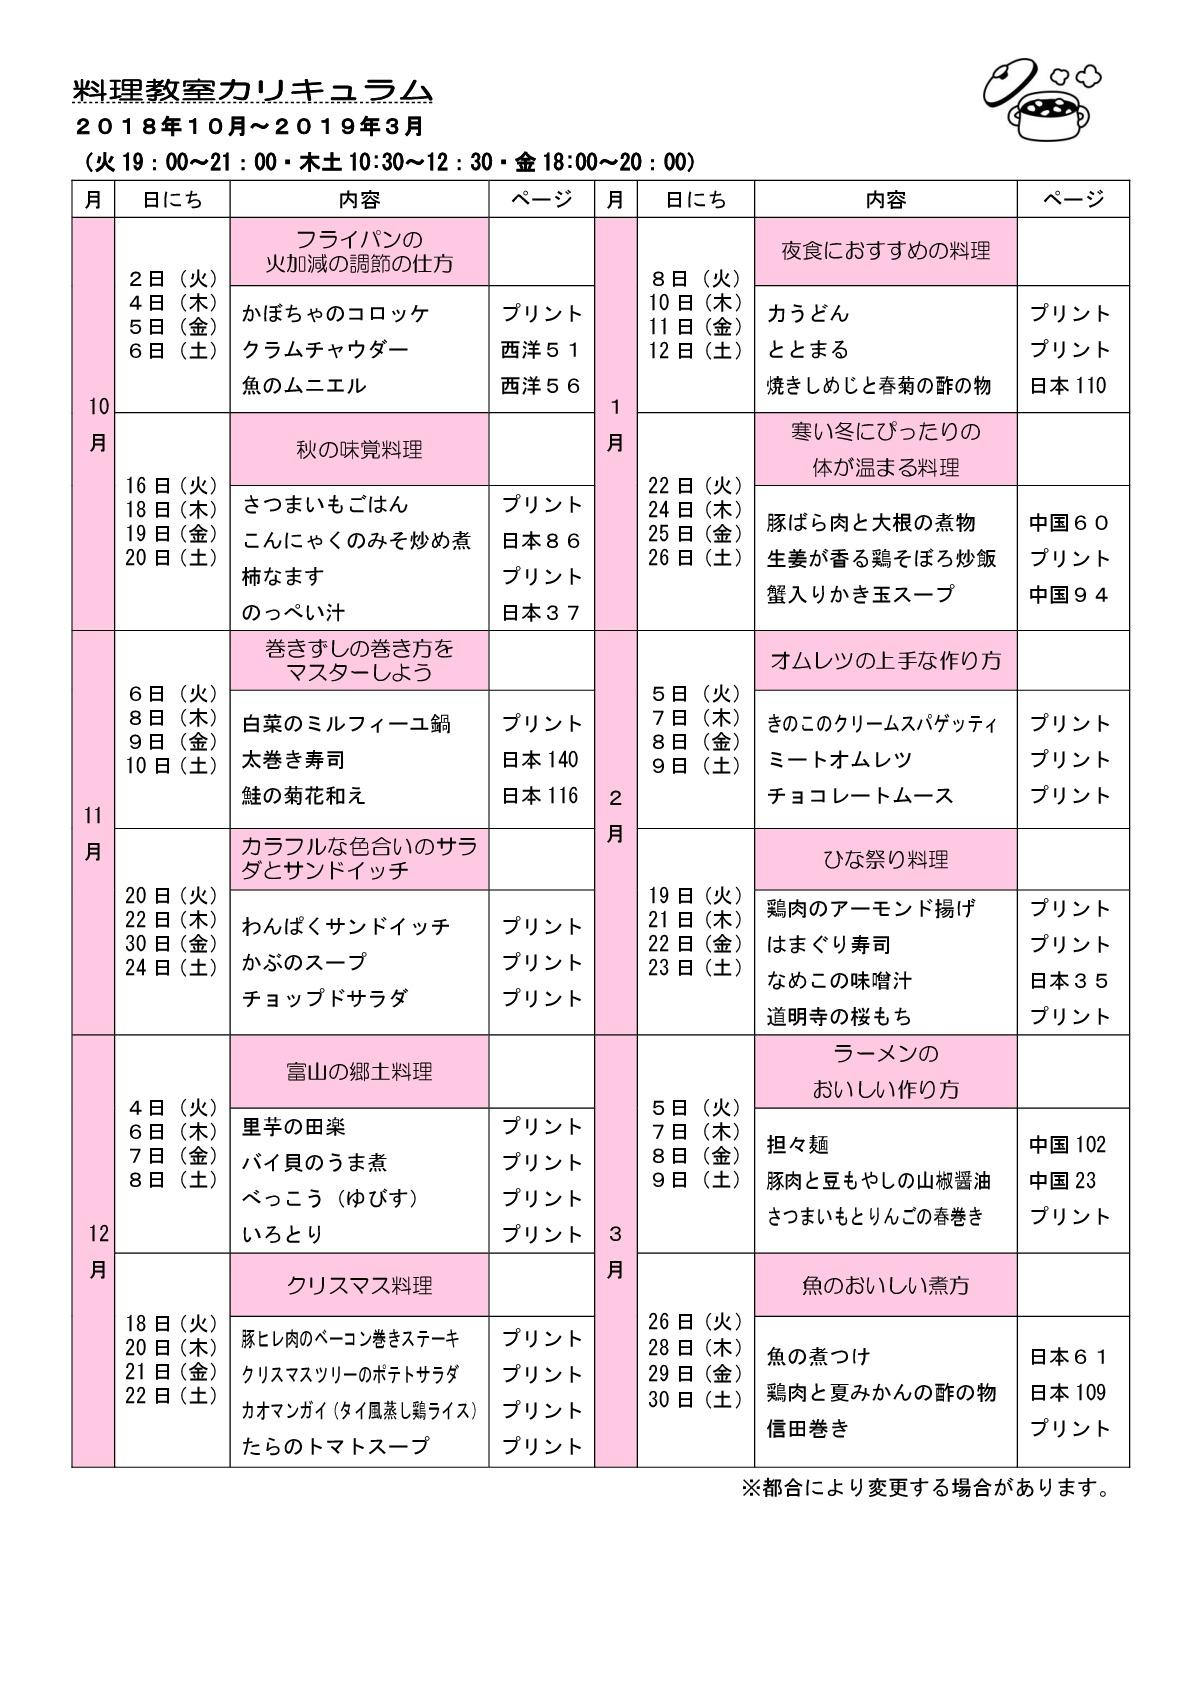 うちごはん料理教室カリキュラム2018.10~2019.3-001 (1)